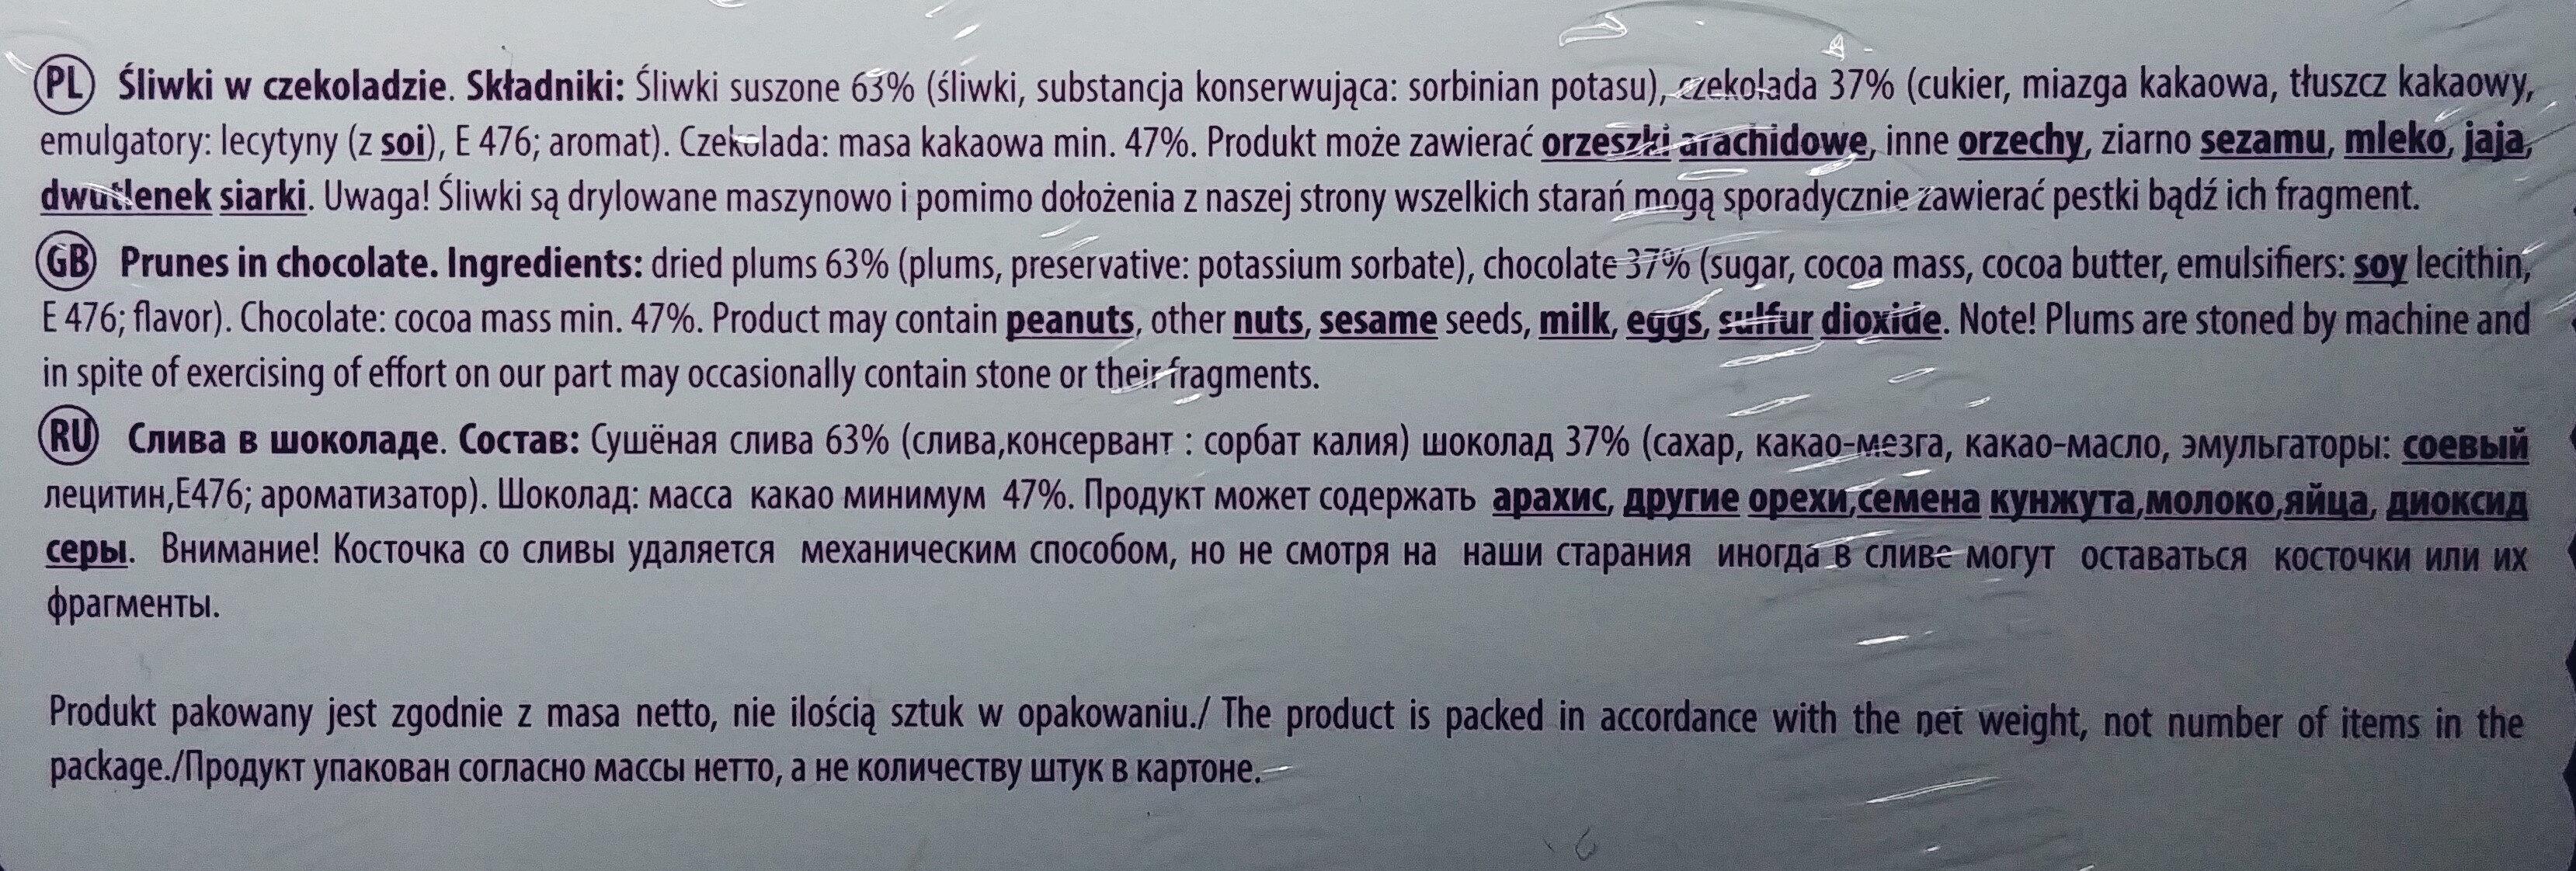 Śliwka Kujawska w czekoladzie - Ingredients